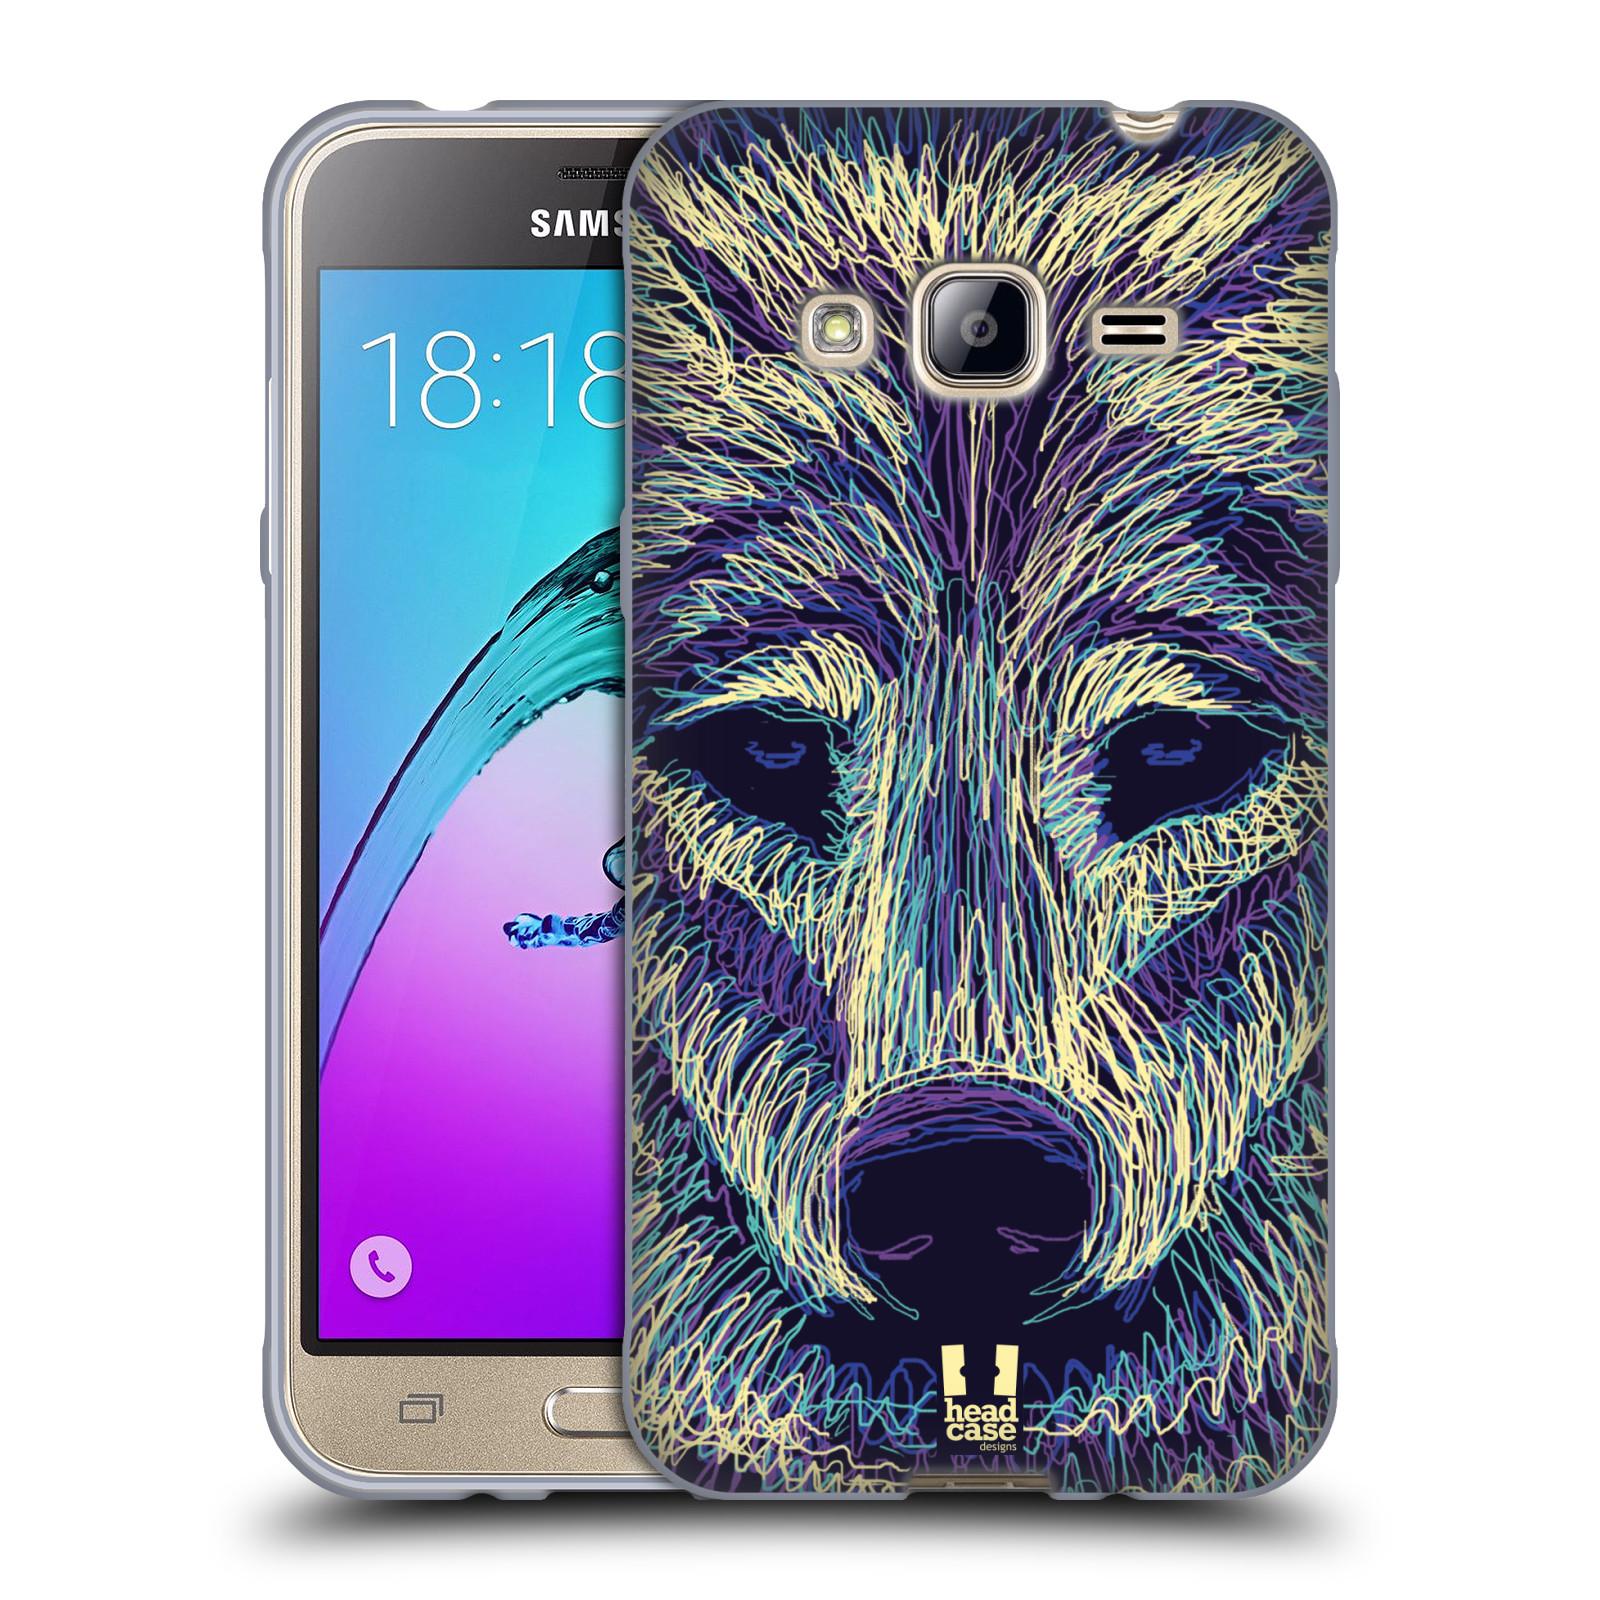 HEAD CASE silikonový obal na mobil Samsung Galaxy J3, J3 2016 vzor zvíře čmáranice vlk